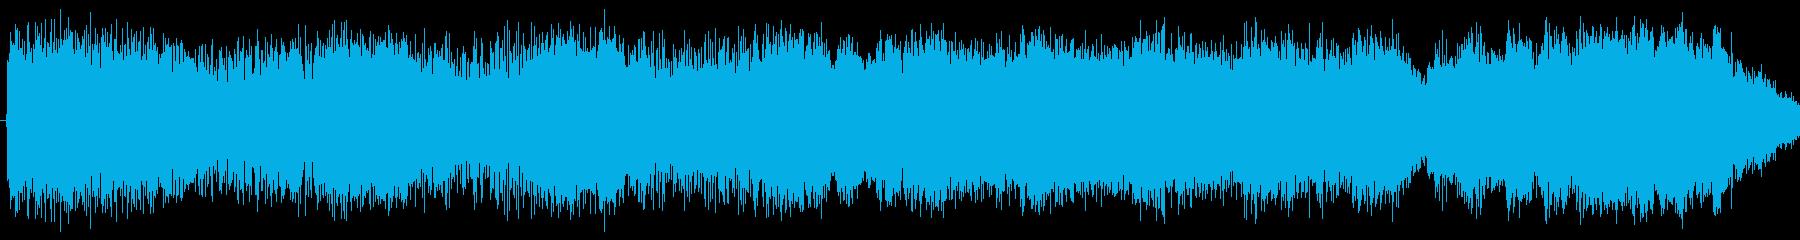 パイプオルガン、シンセ、トランペットを…の再生済みの波形